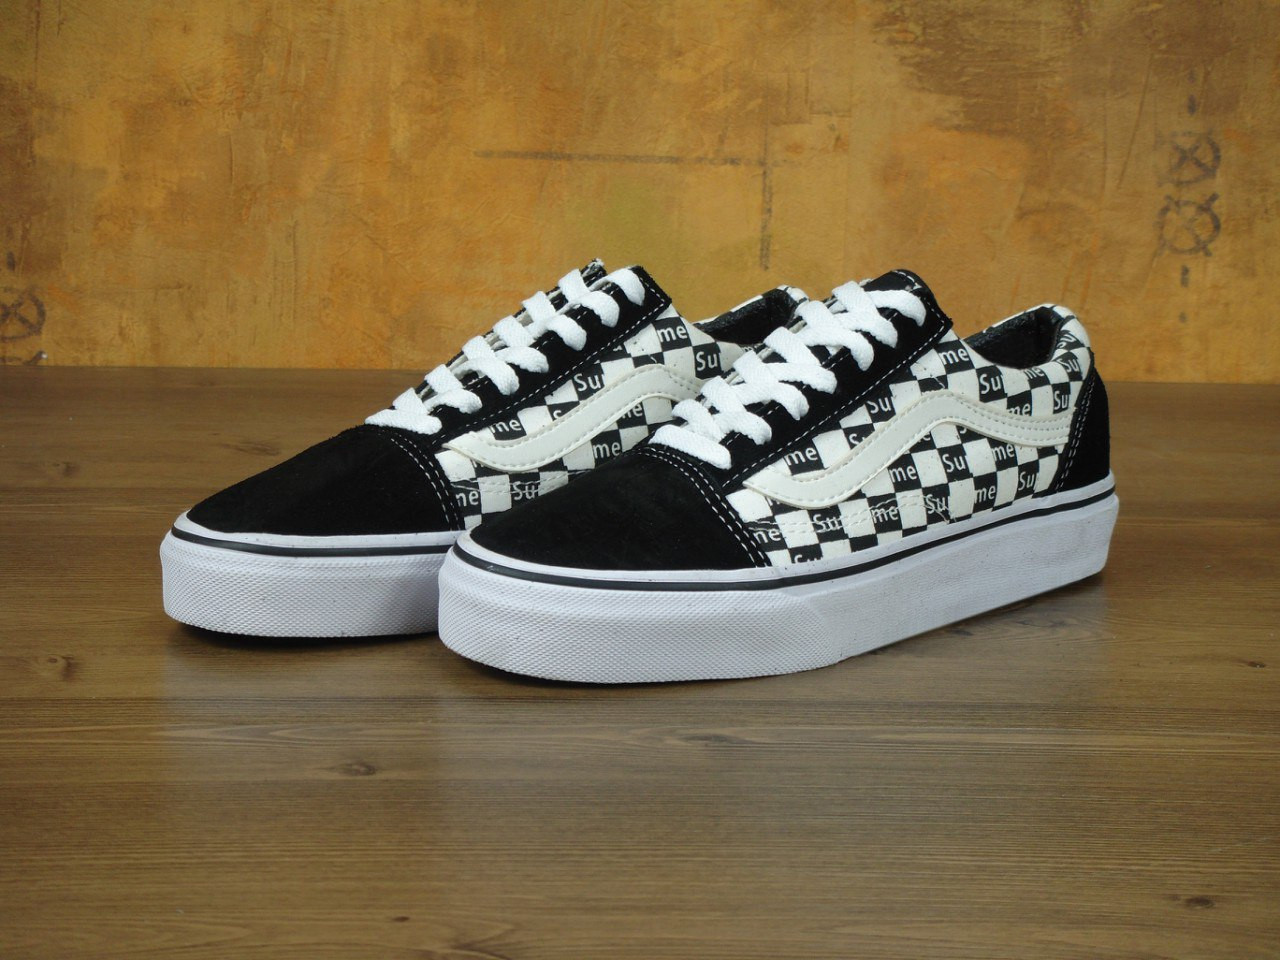 Кеды мужские Vans Old Skool x Supreme 30361 черно-белые - Брендовая одежда  от интернет 3556e1dbf22